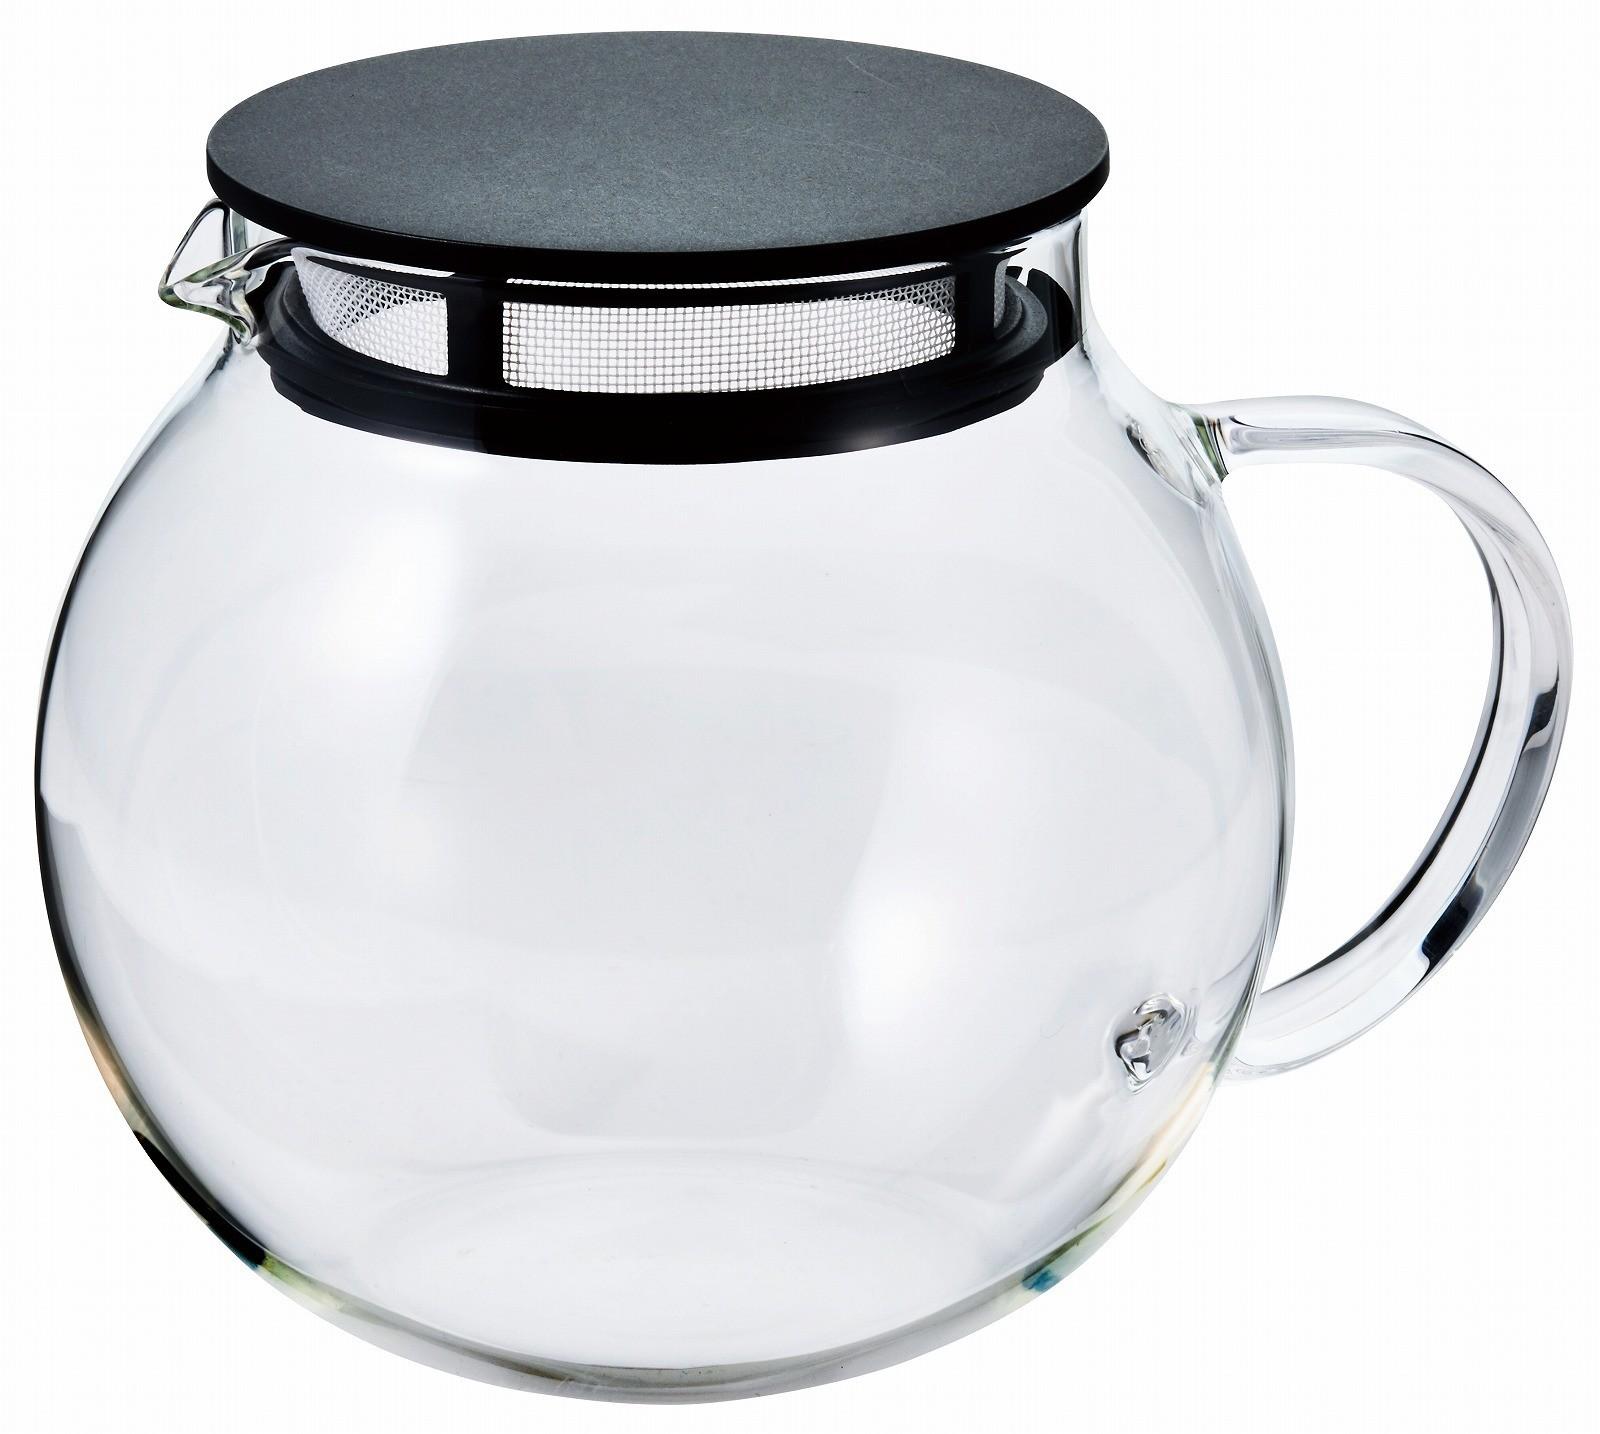 ジャンピングリーフポット600 ml